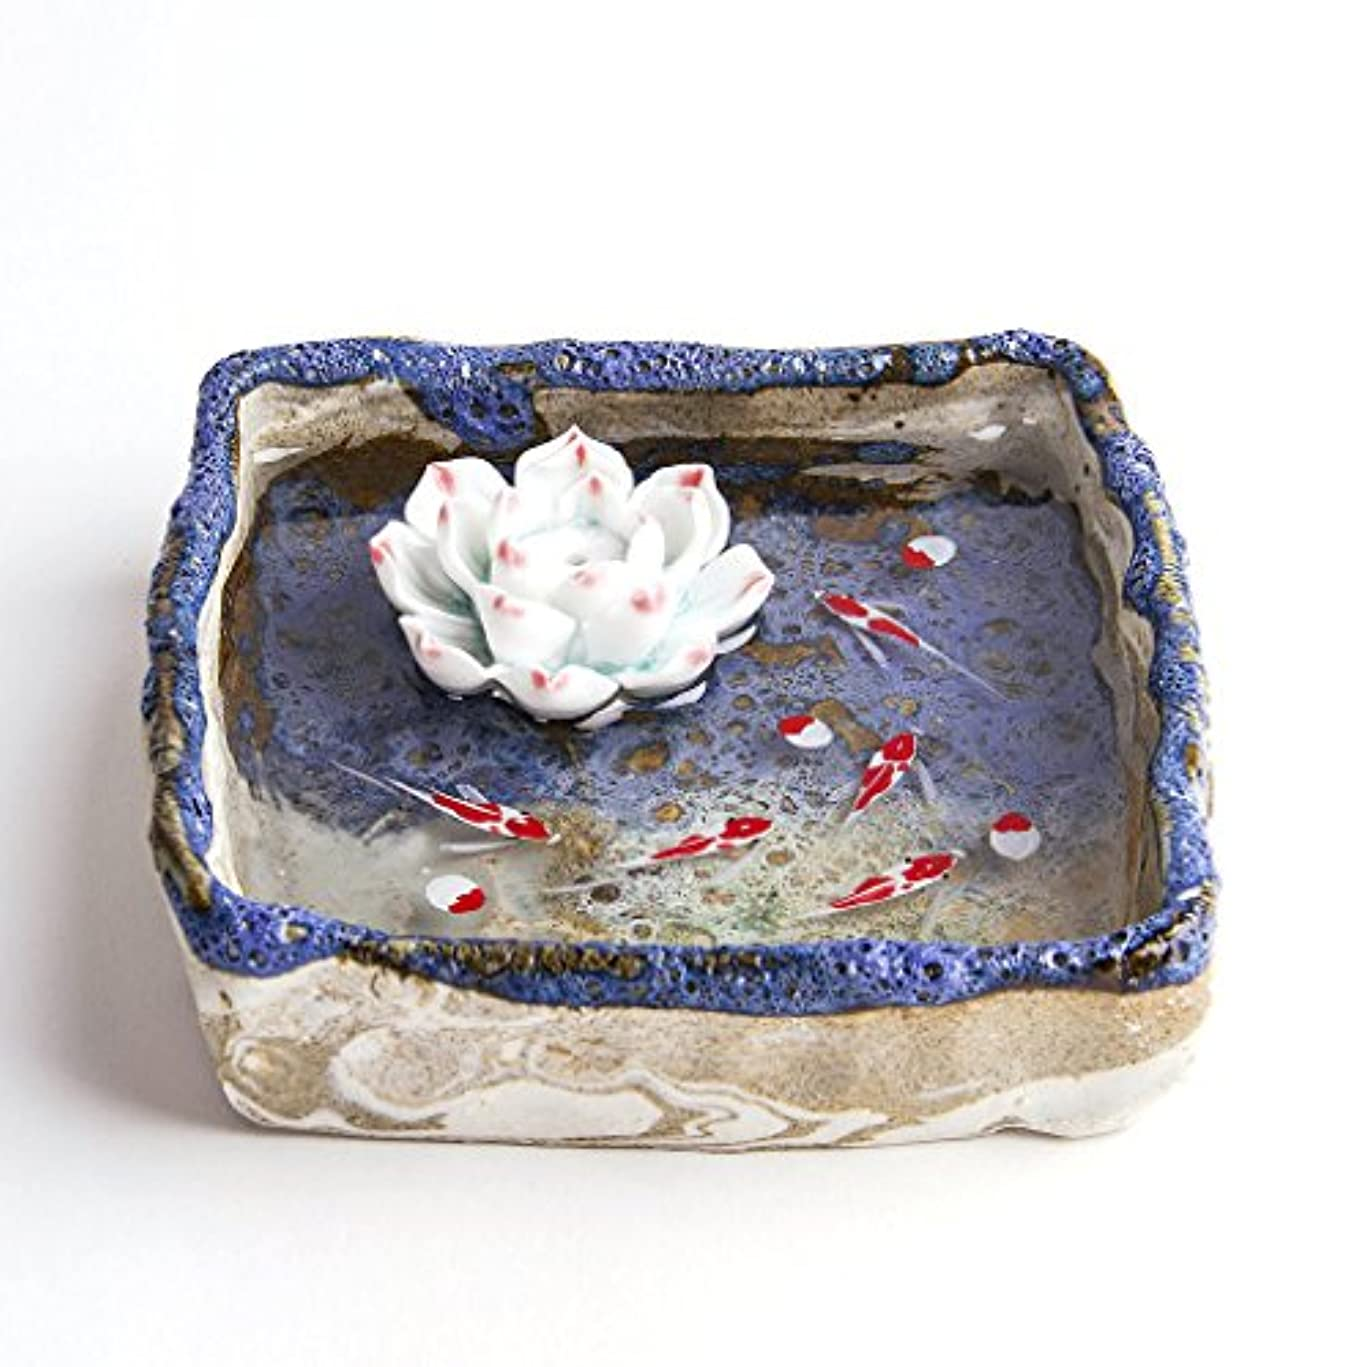 パッド後継摩擦お香立て お香たて 香の器 お香を焚いて 香皿,陶磁器、ブルー